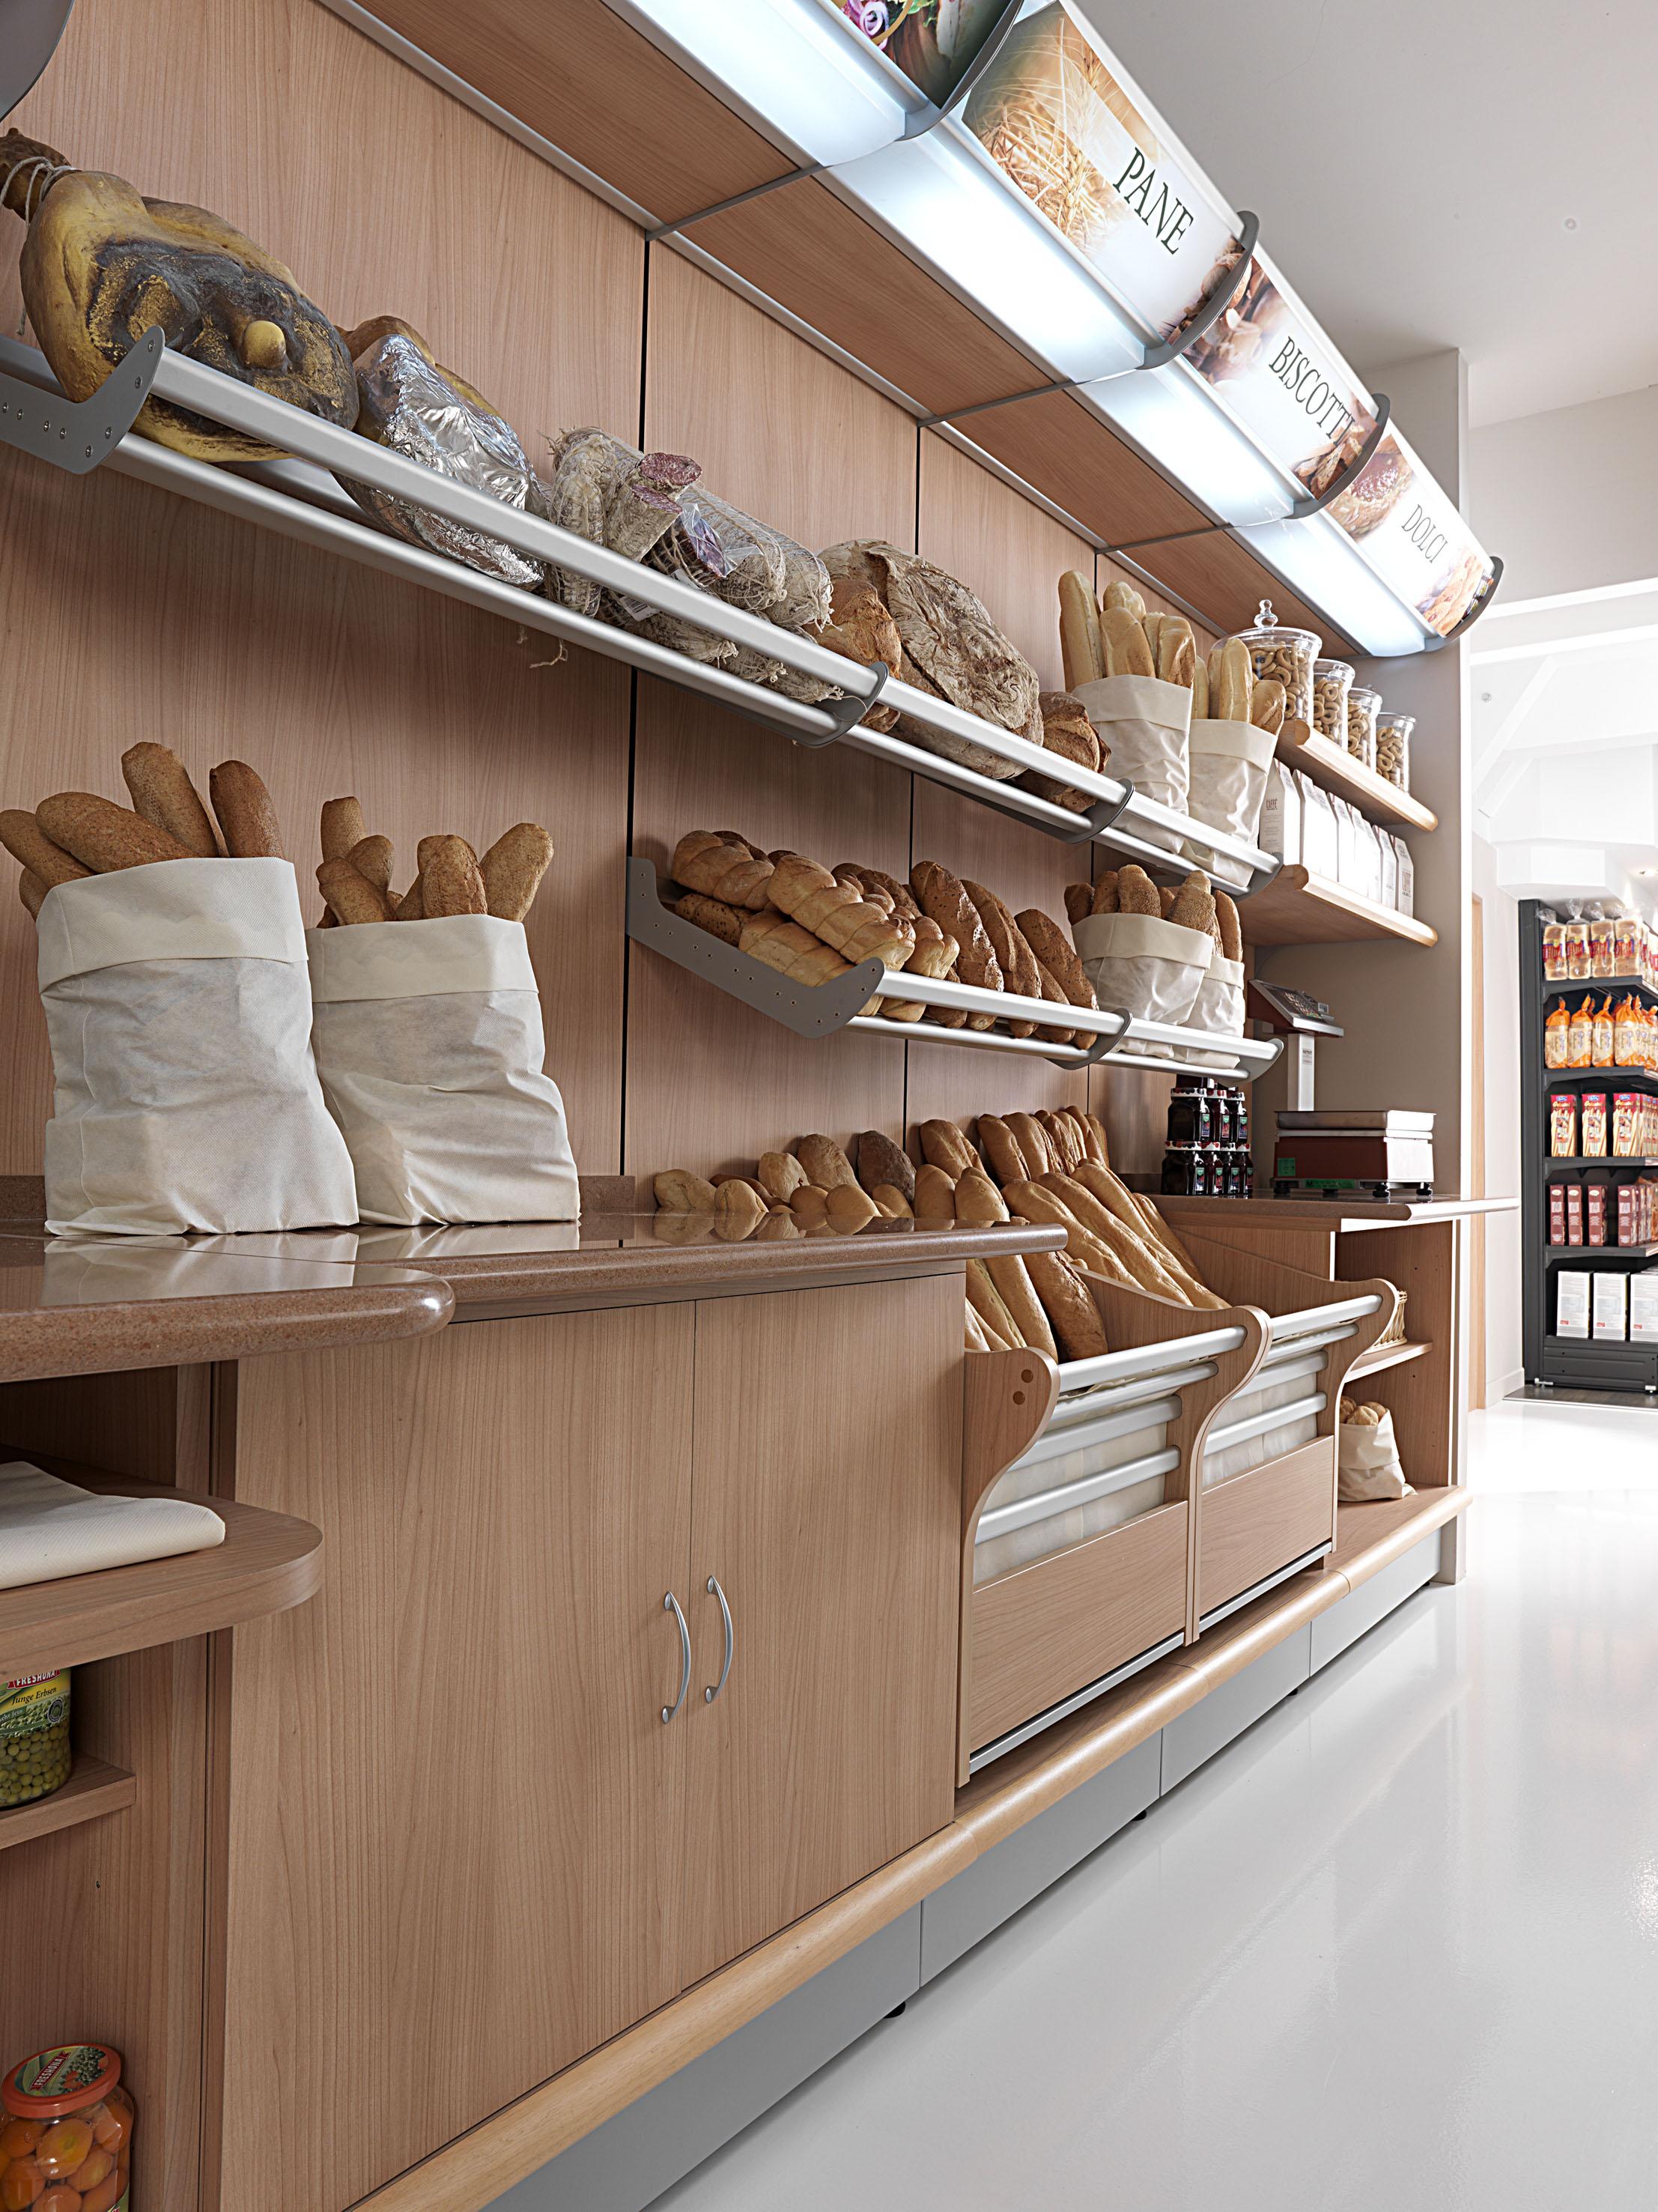 Panetteria e forno arredamento panetteria arredamento for Arredamento panetteria